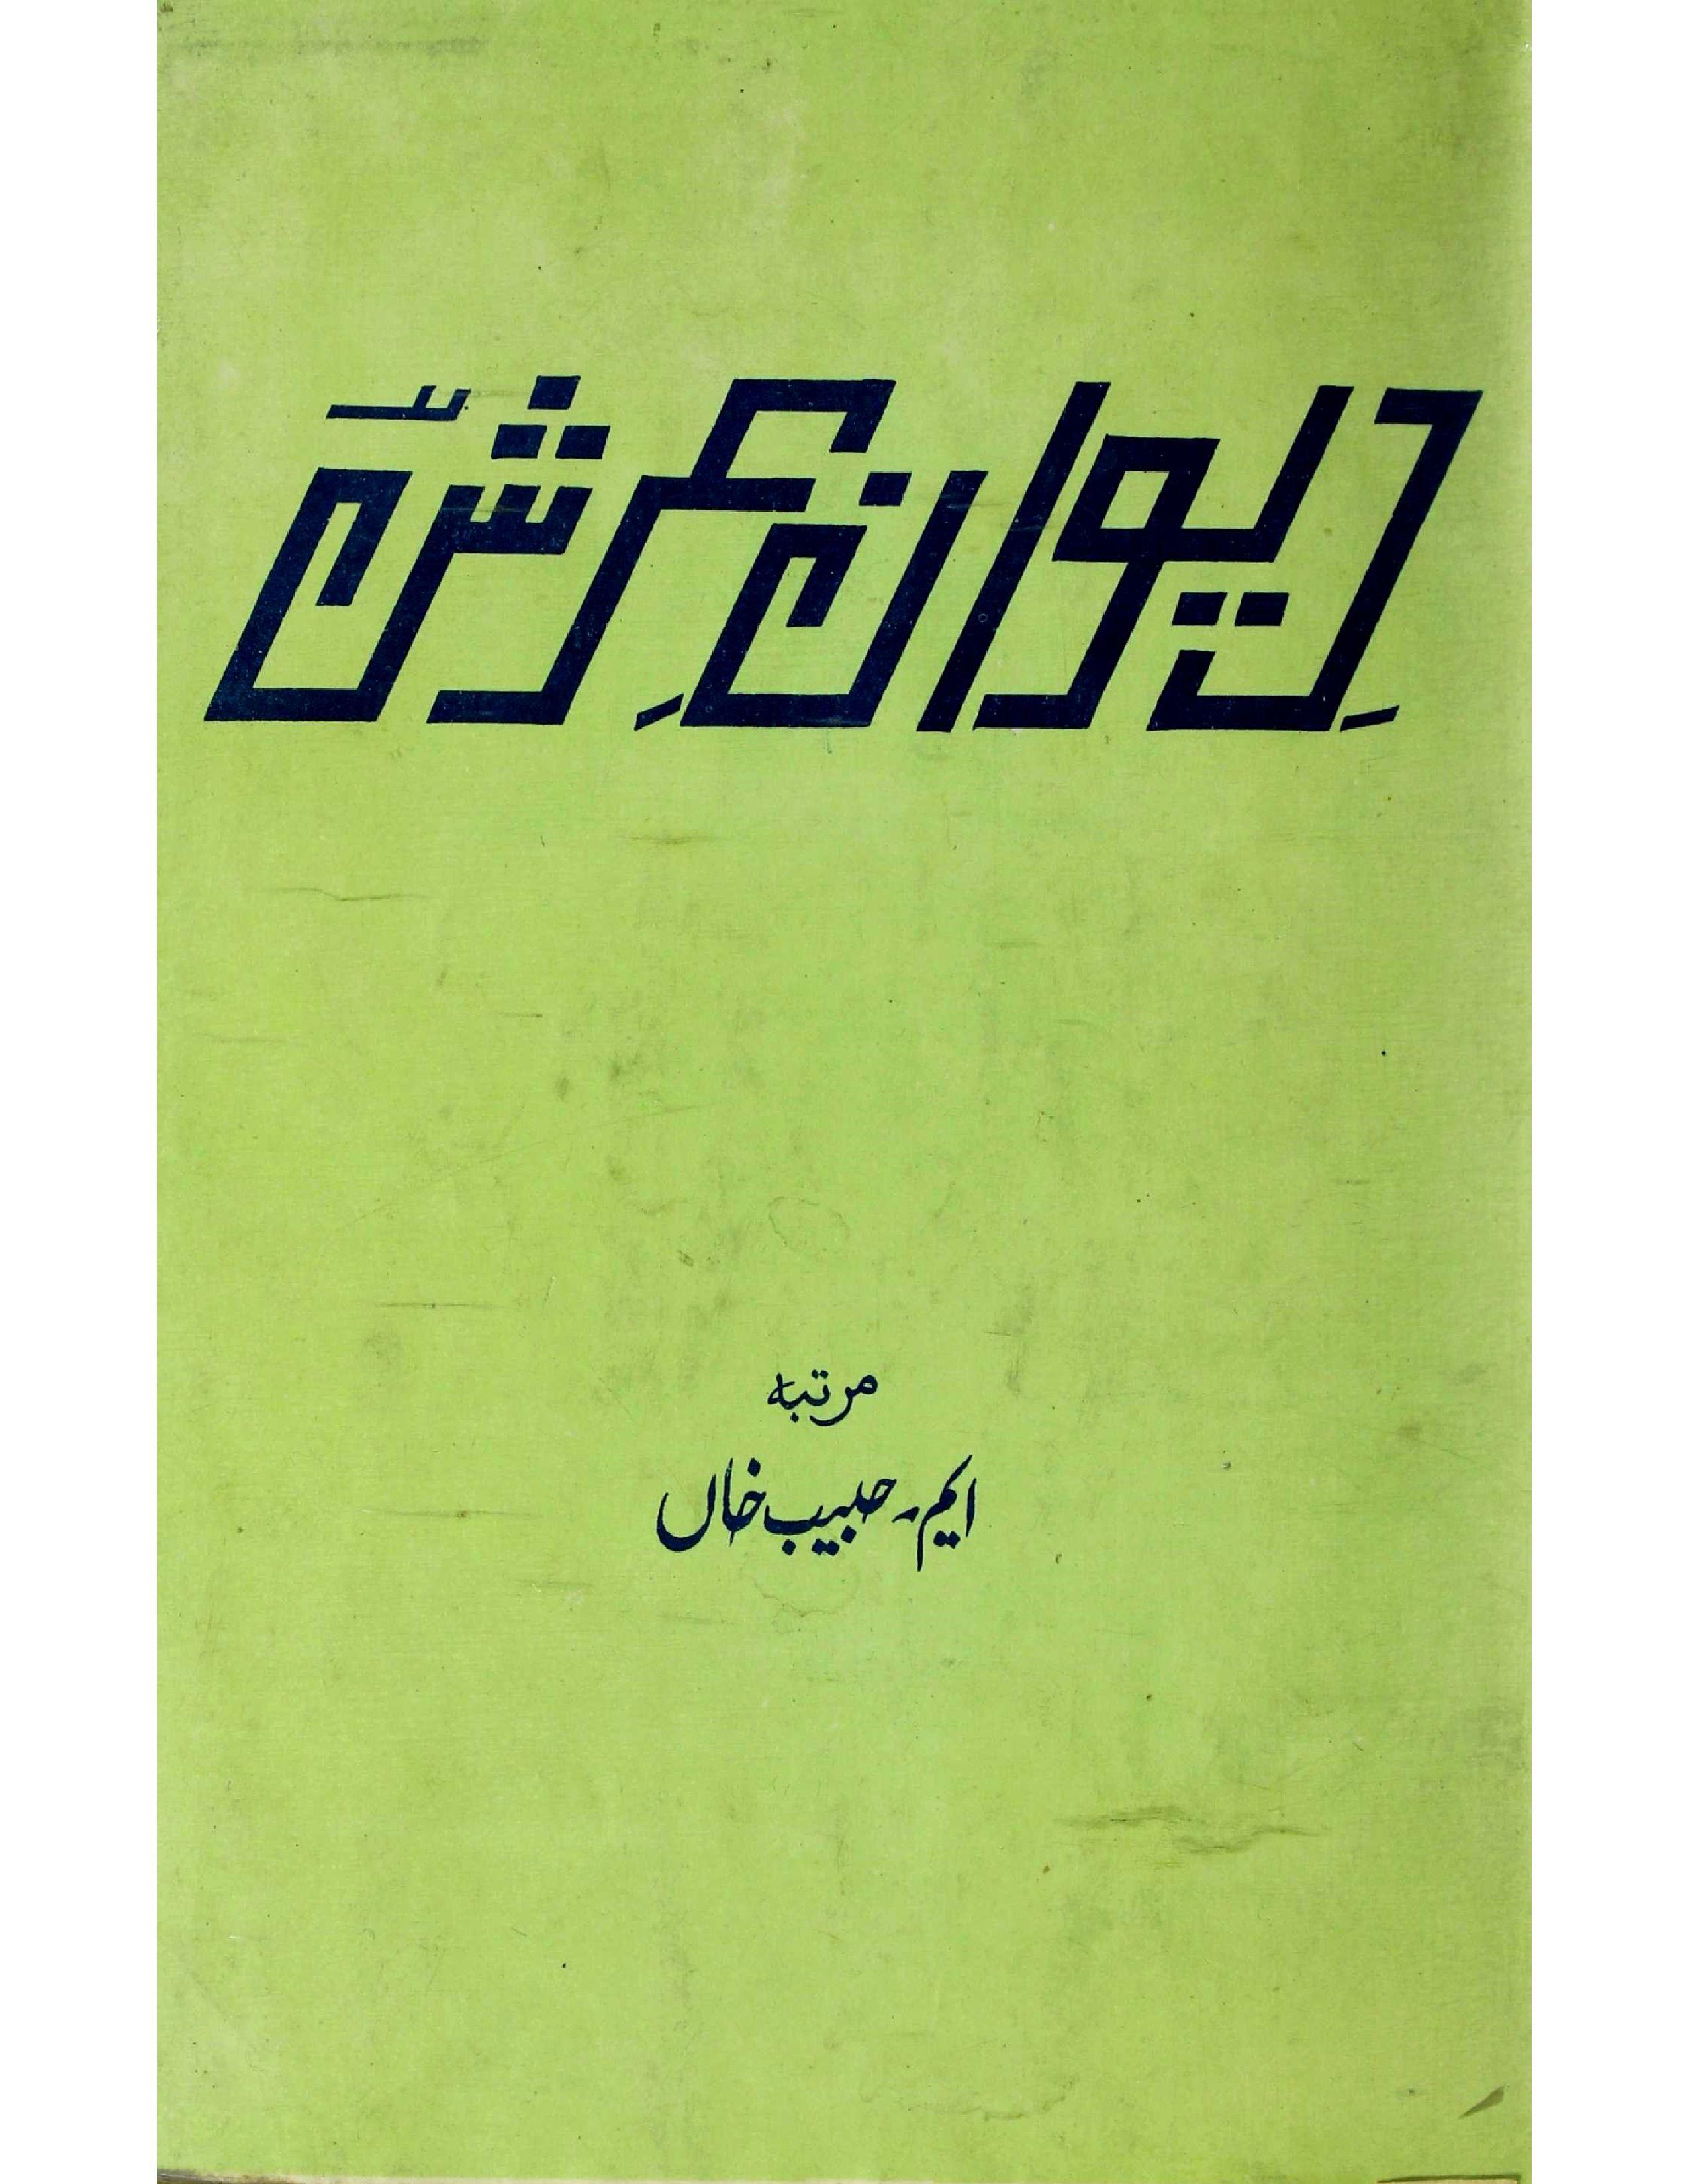 Deewan-e-Arsh